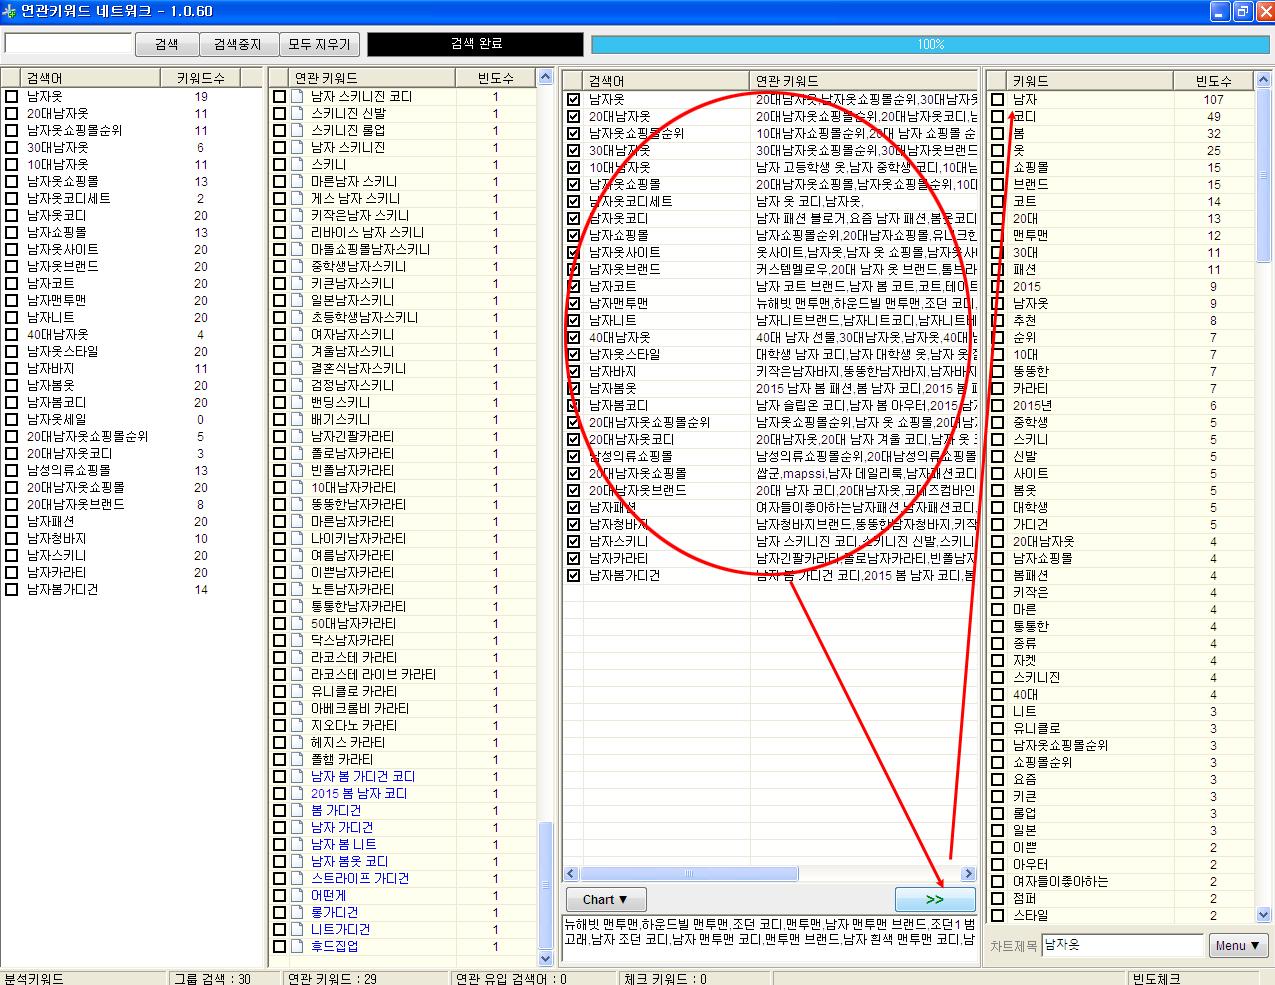 애드코프 SEO 교육용 프로그램 연관 키워드 네트워크에서 검색 인사이트 얻기